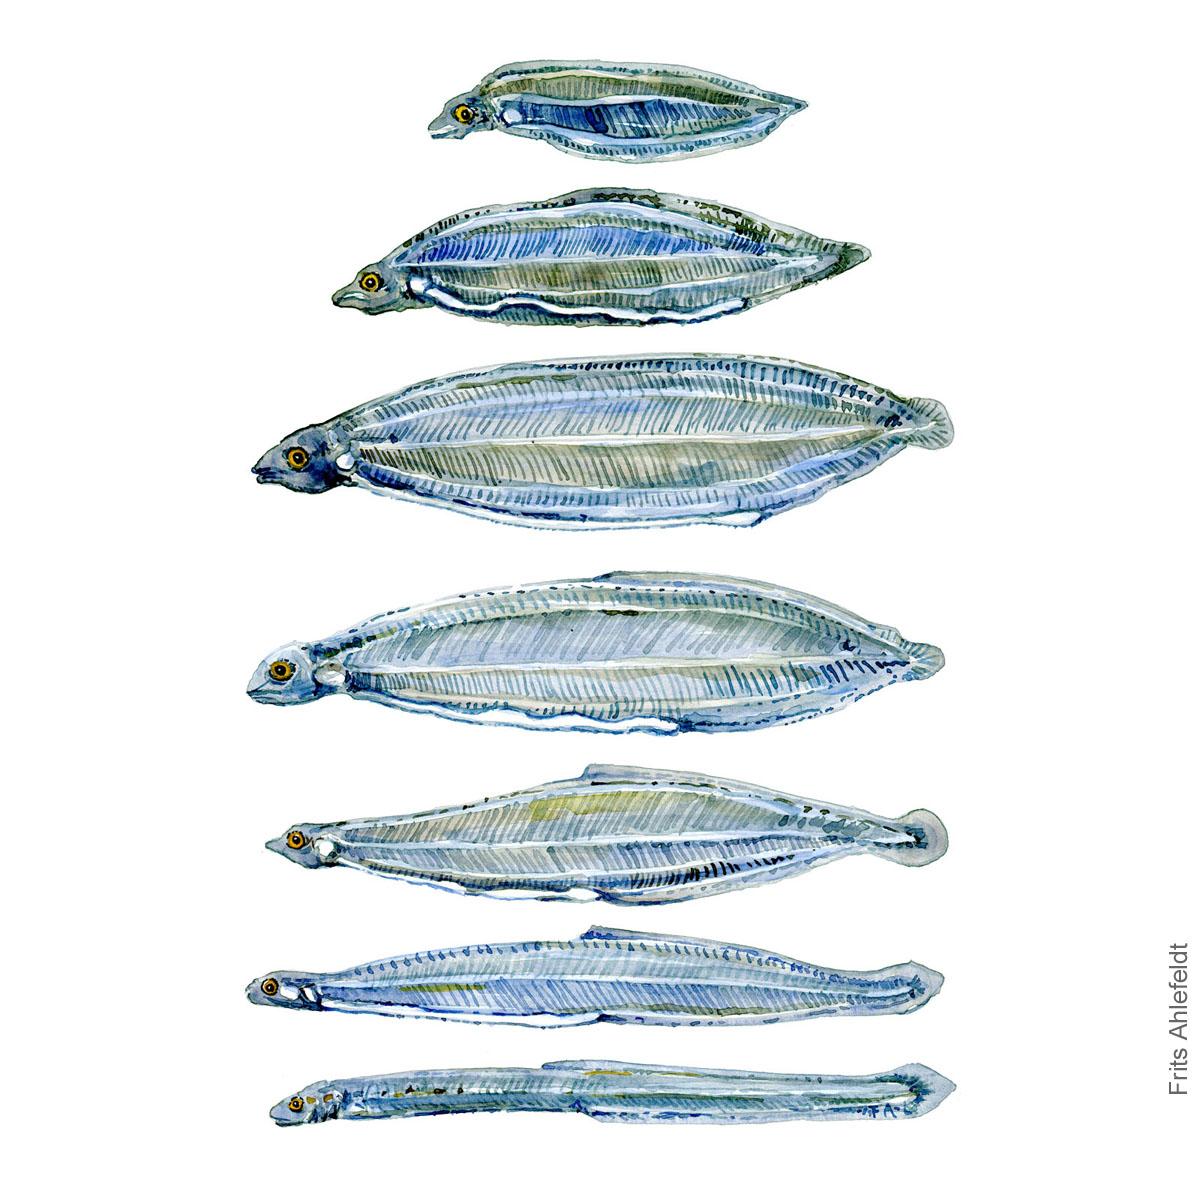 Eel larvae - aalelarver - Akvarel illustration af Frits Ahlefeldt